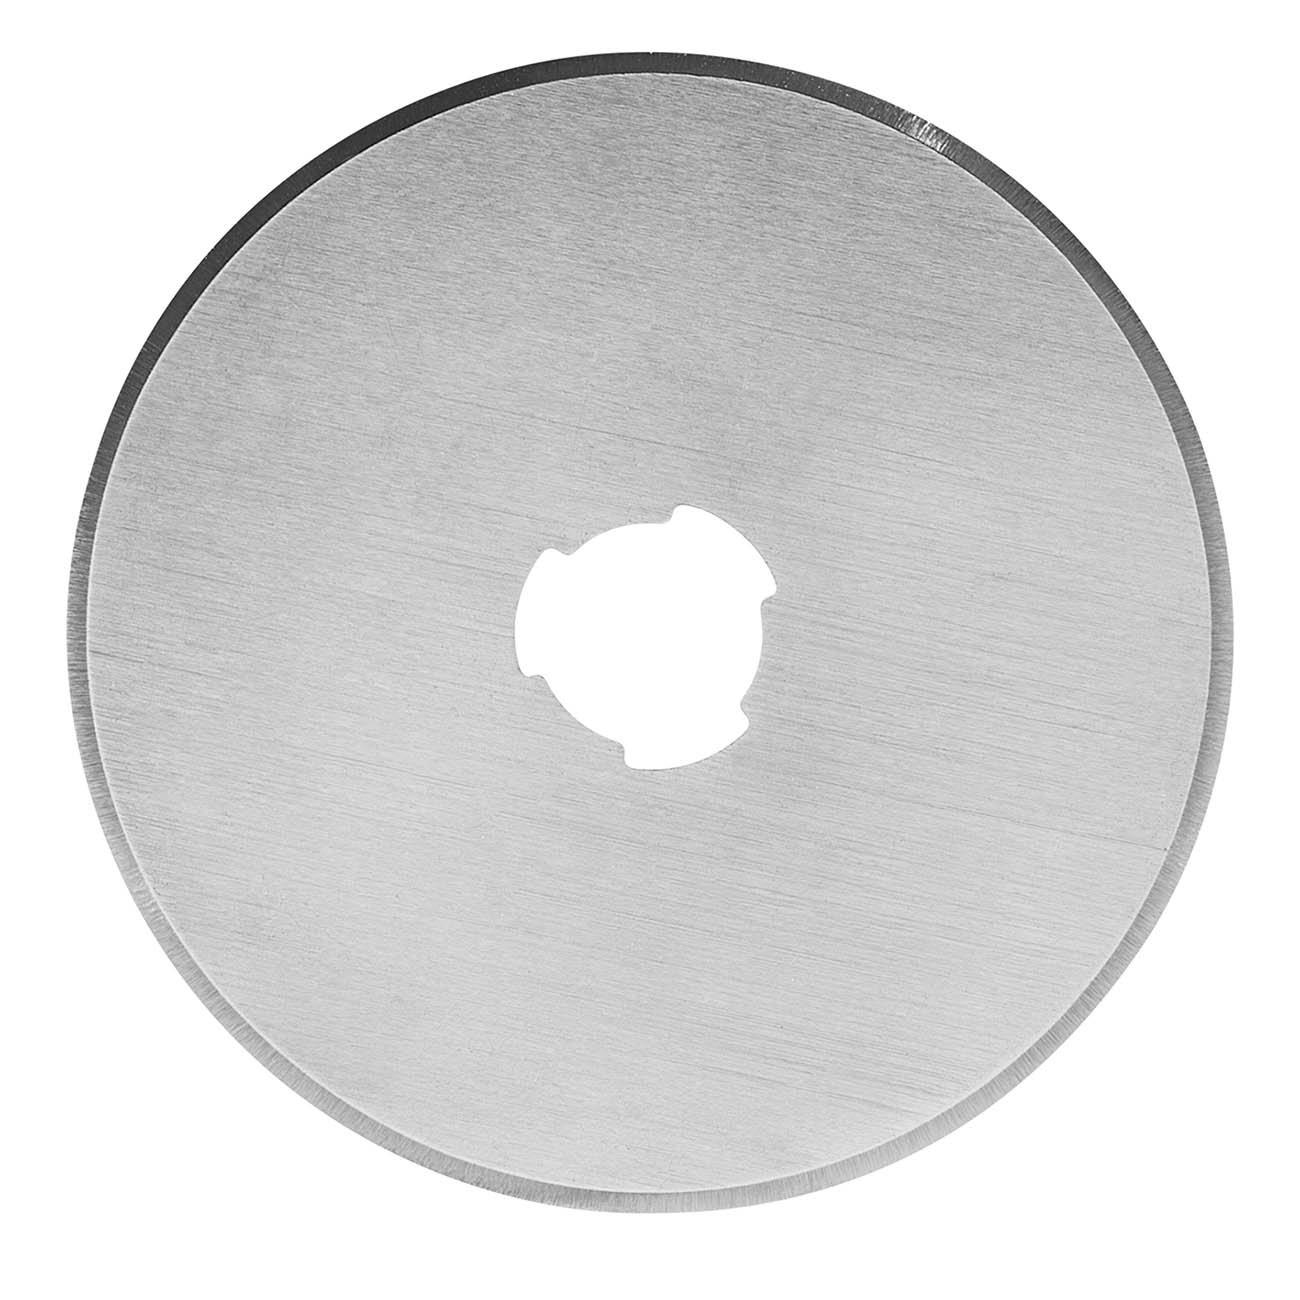 Wedo 0784501 Lama di Ricambio per Taglierino a Rotella 45 mm, Liscia